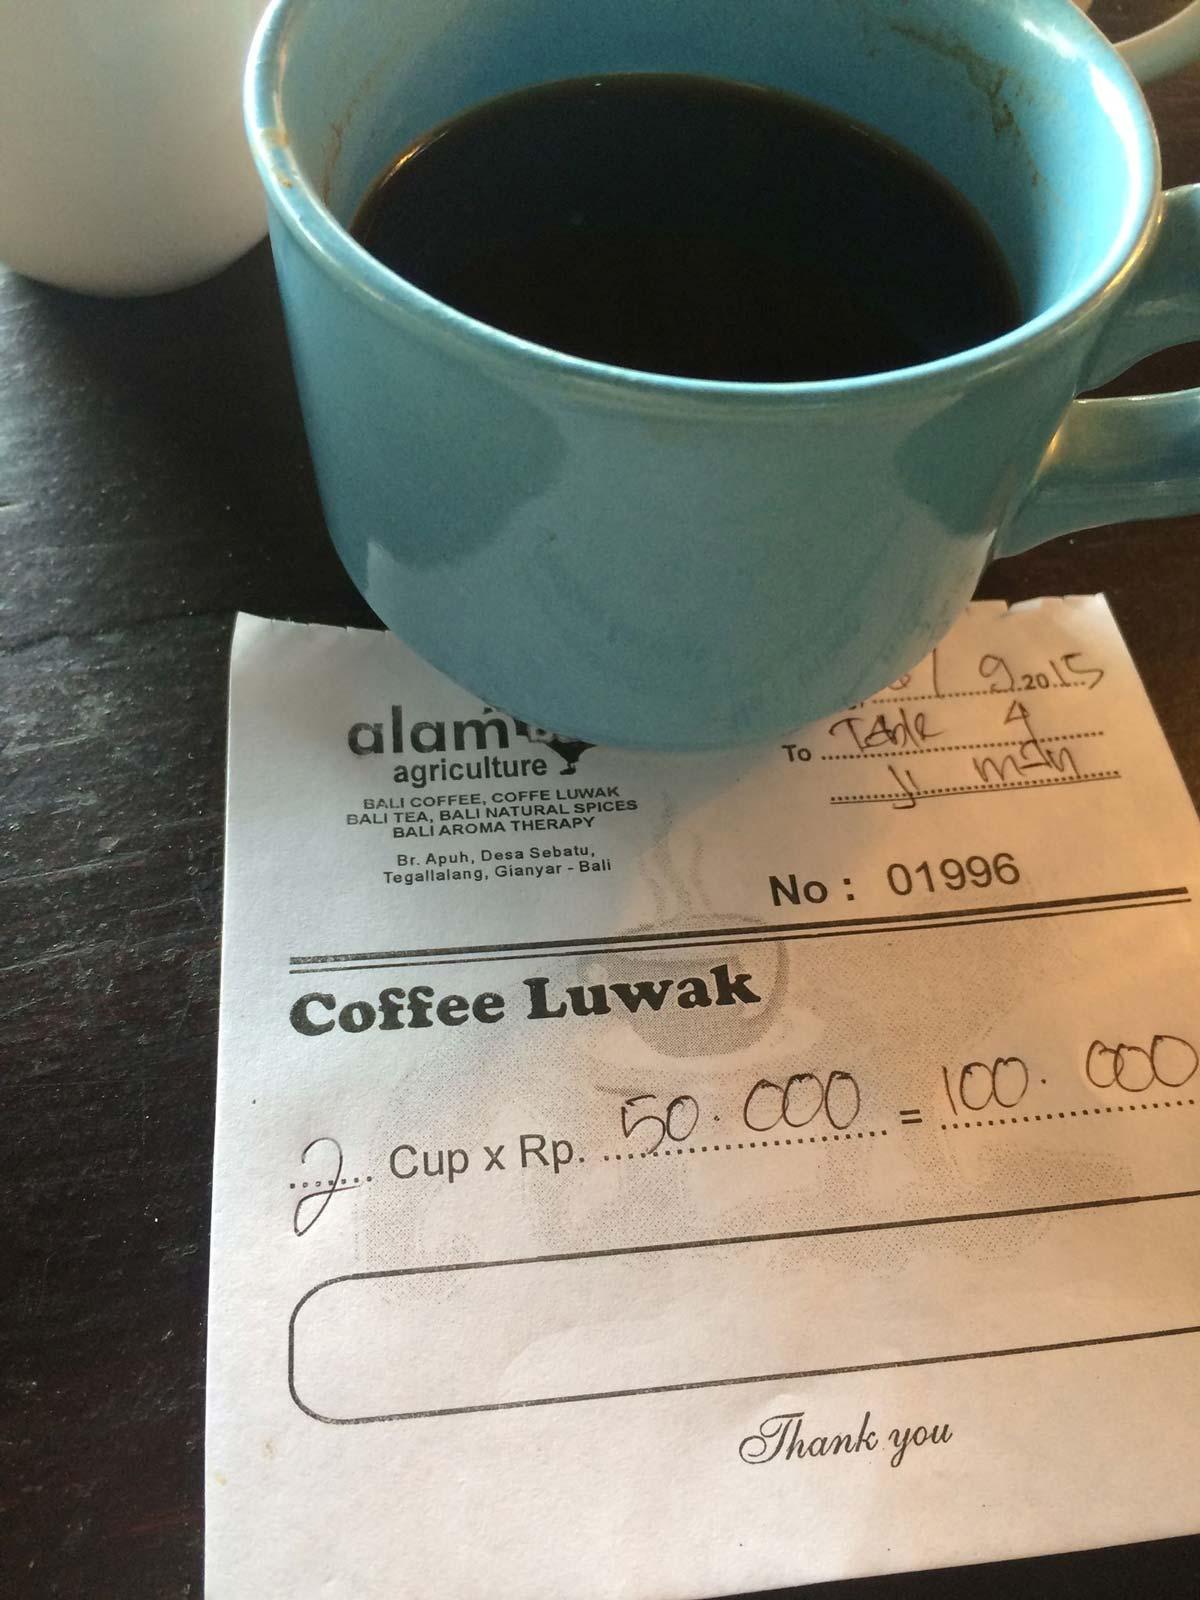 martin-schranz-coffee-luwak-bild